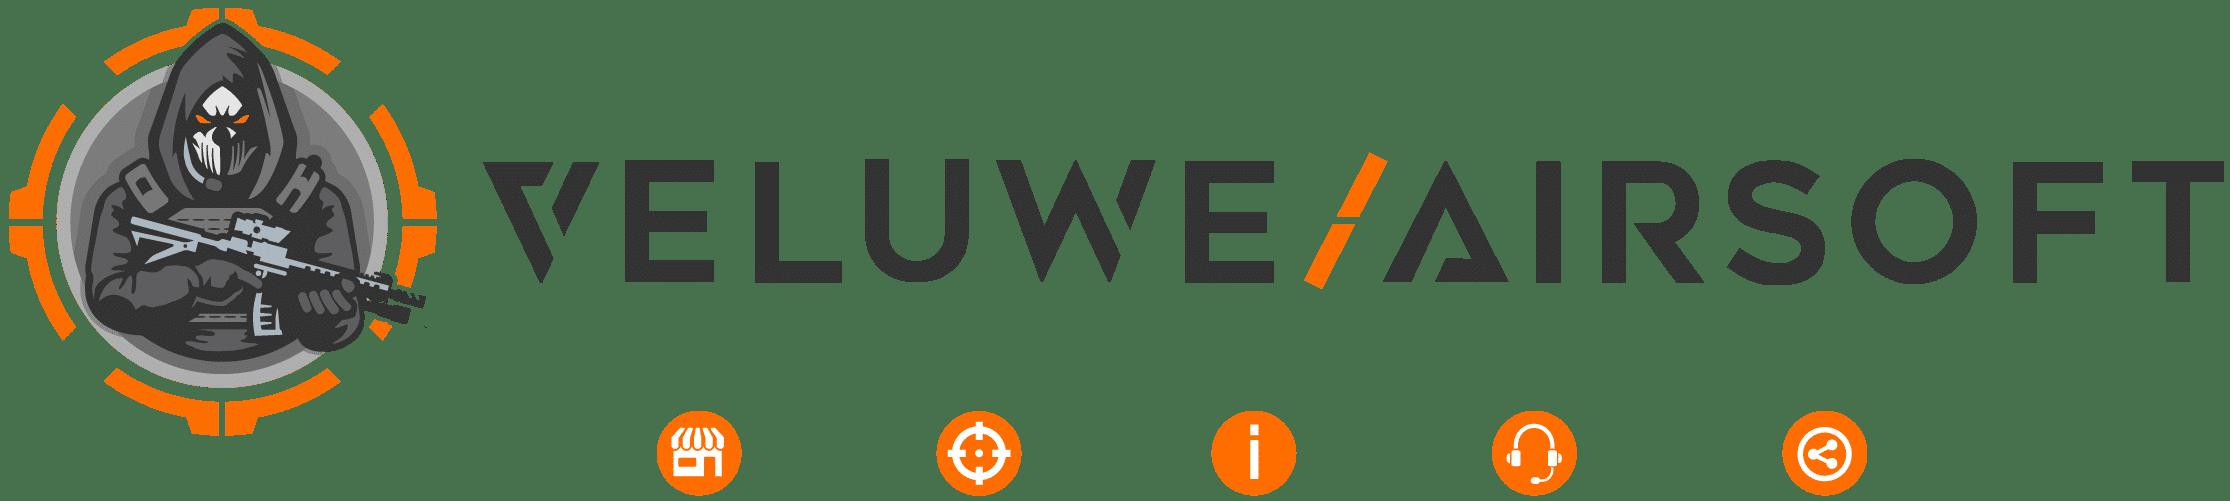 Veluwe Airsoft - De airsoftlocatie in de Veluwe!